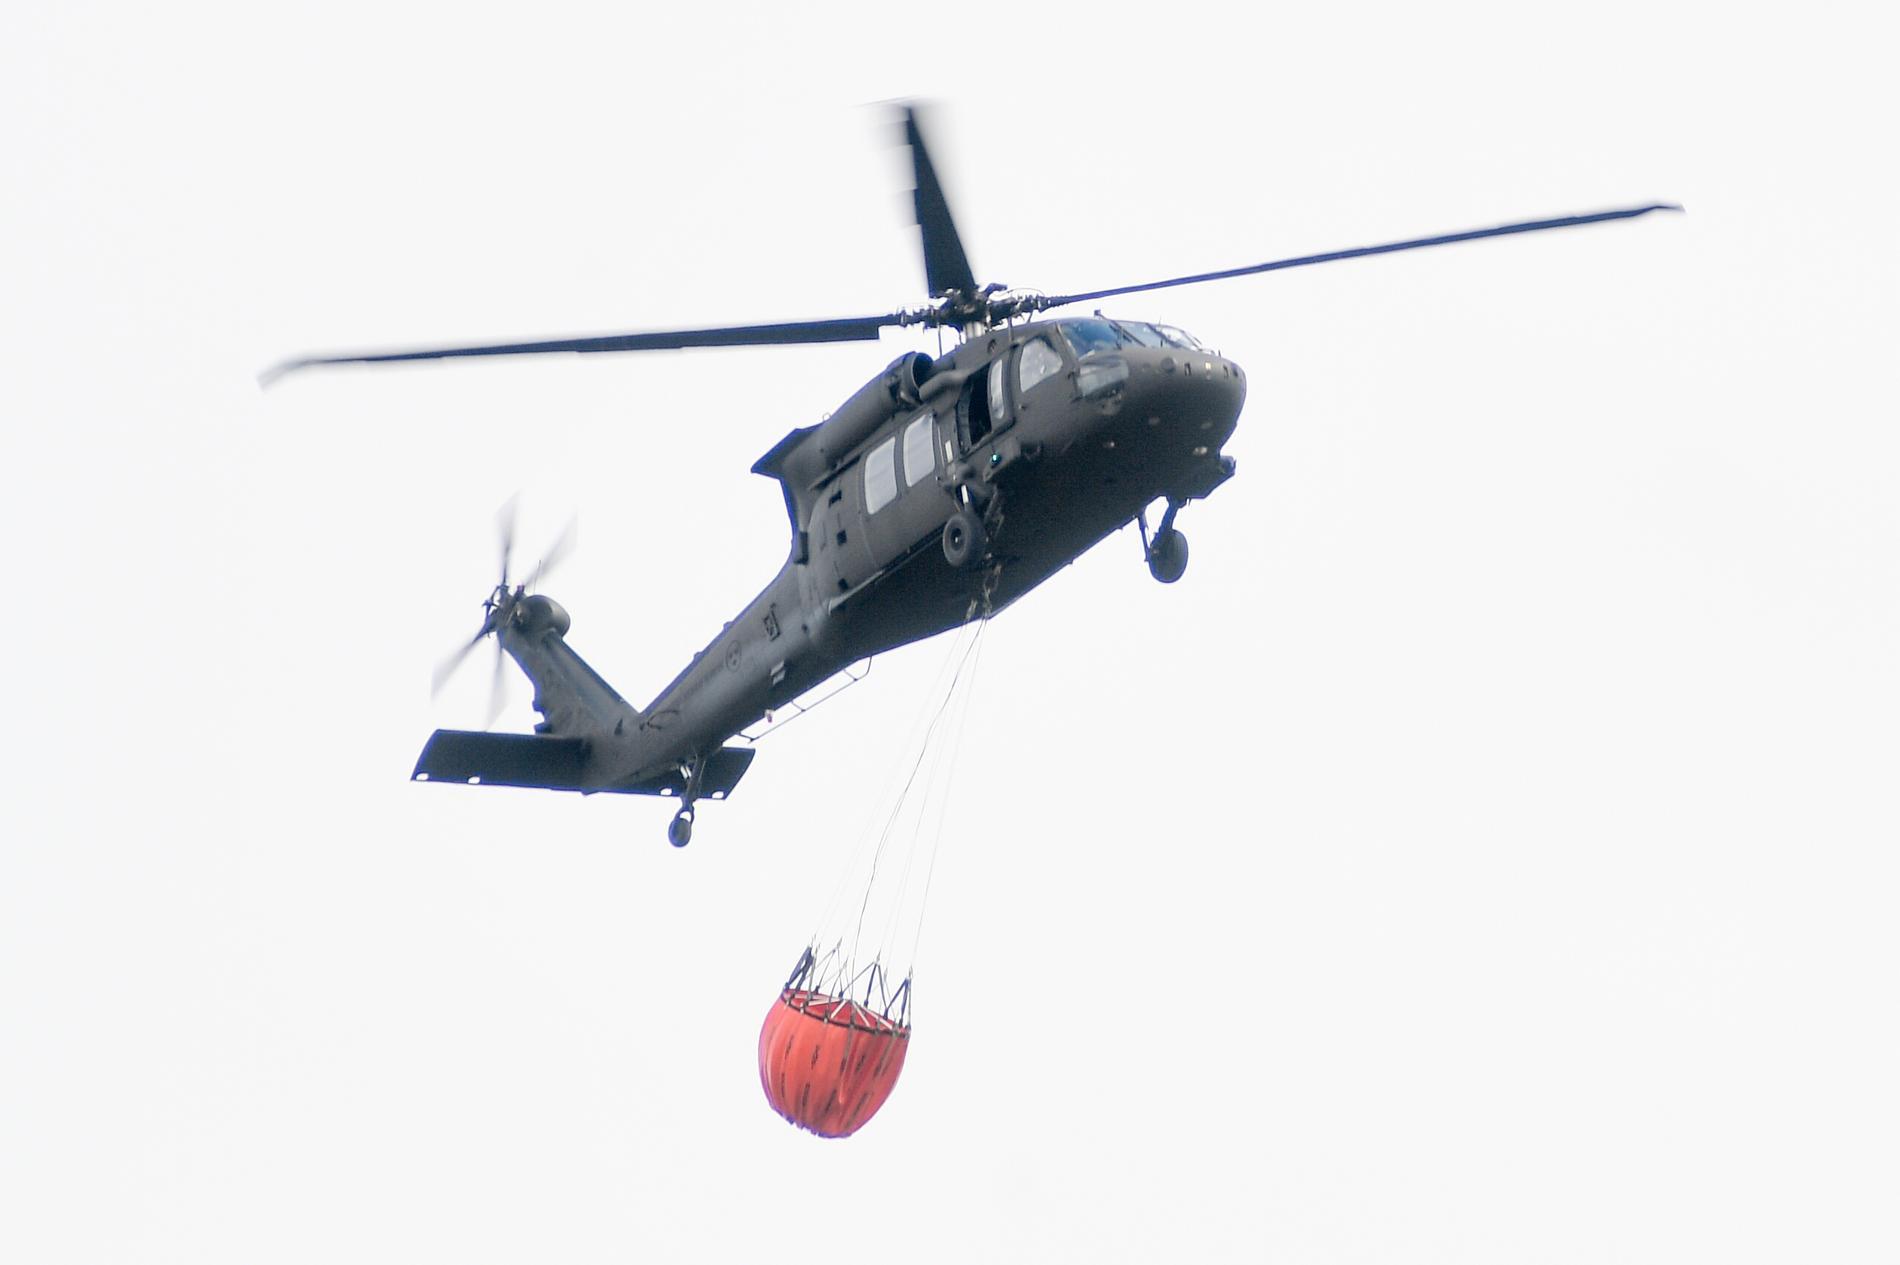 Räddningstjänsten i Västernorrland får hjälp av två helikoptrar i släckningsarbetet även under torsdagen. Helikoptern på bilden är från en annan insats. Arkivbild.